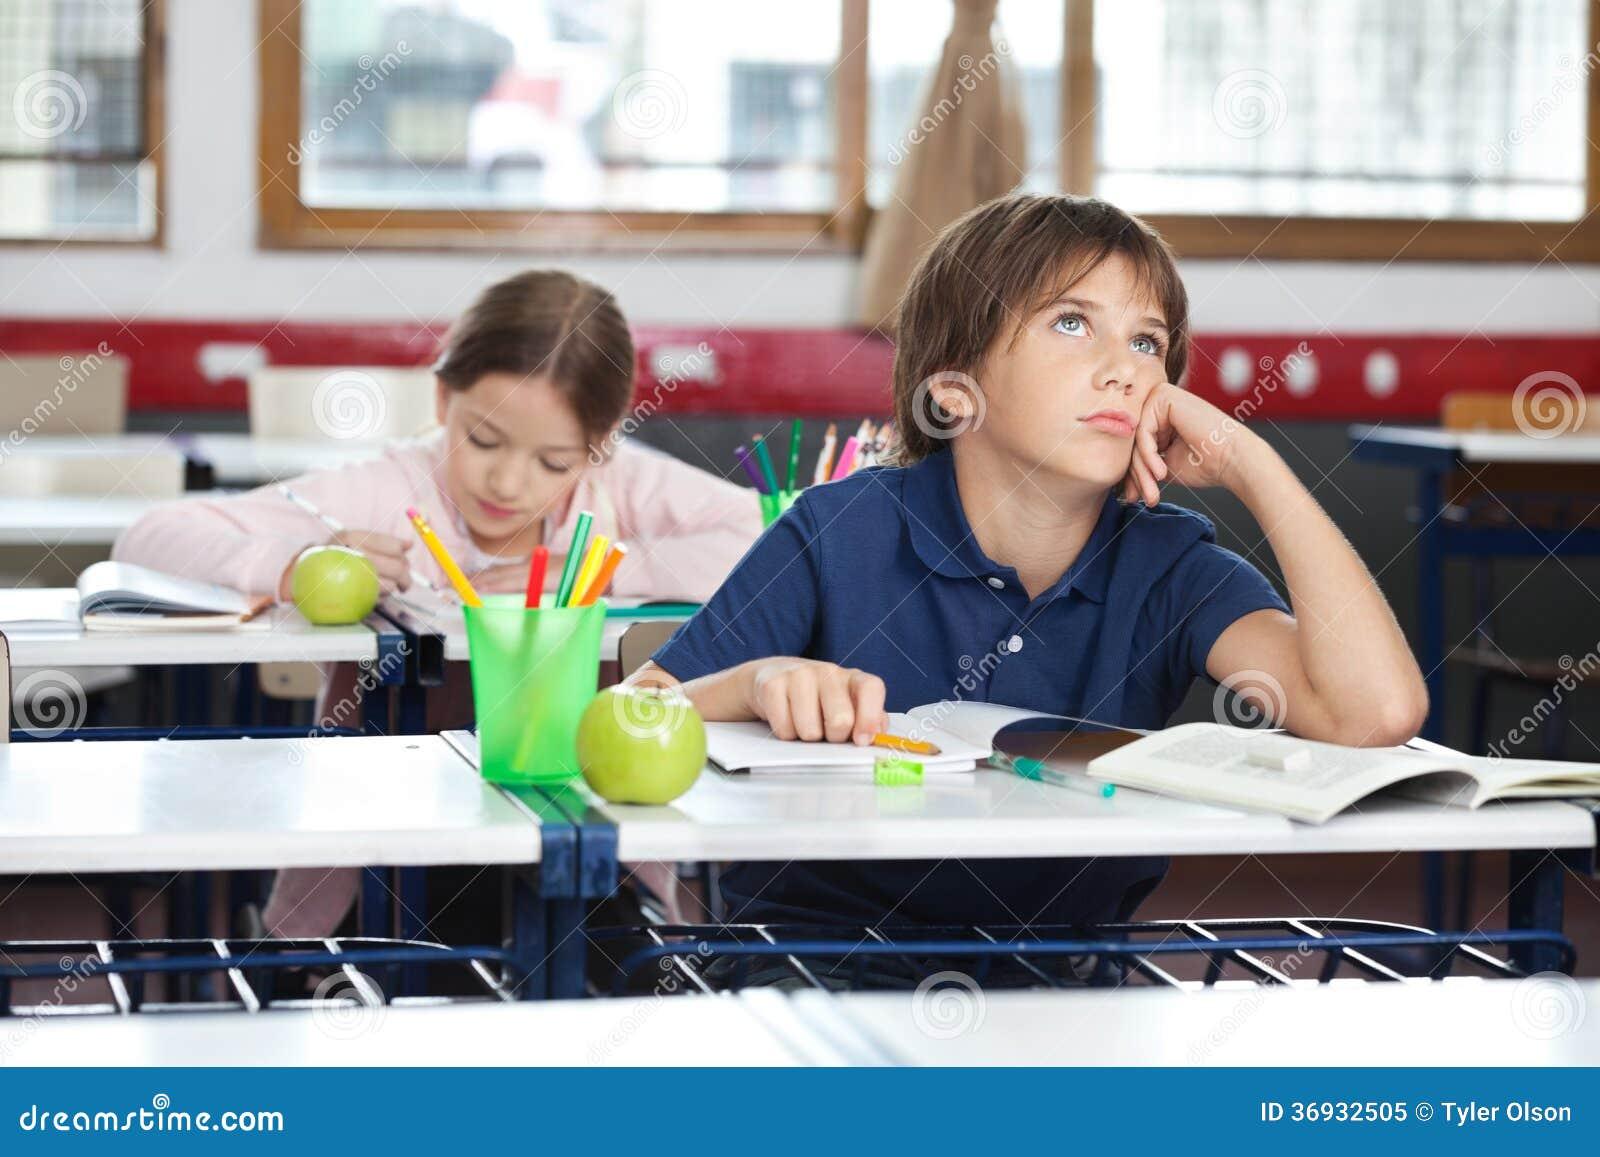 Junge, der oben im Klassenzimmer schaut